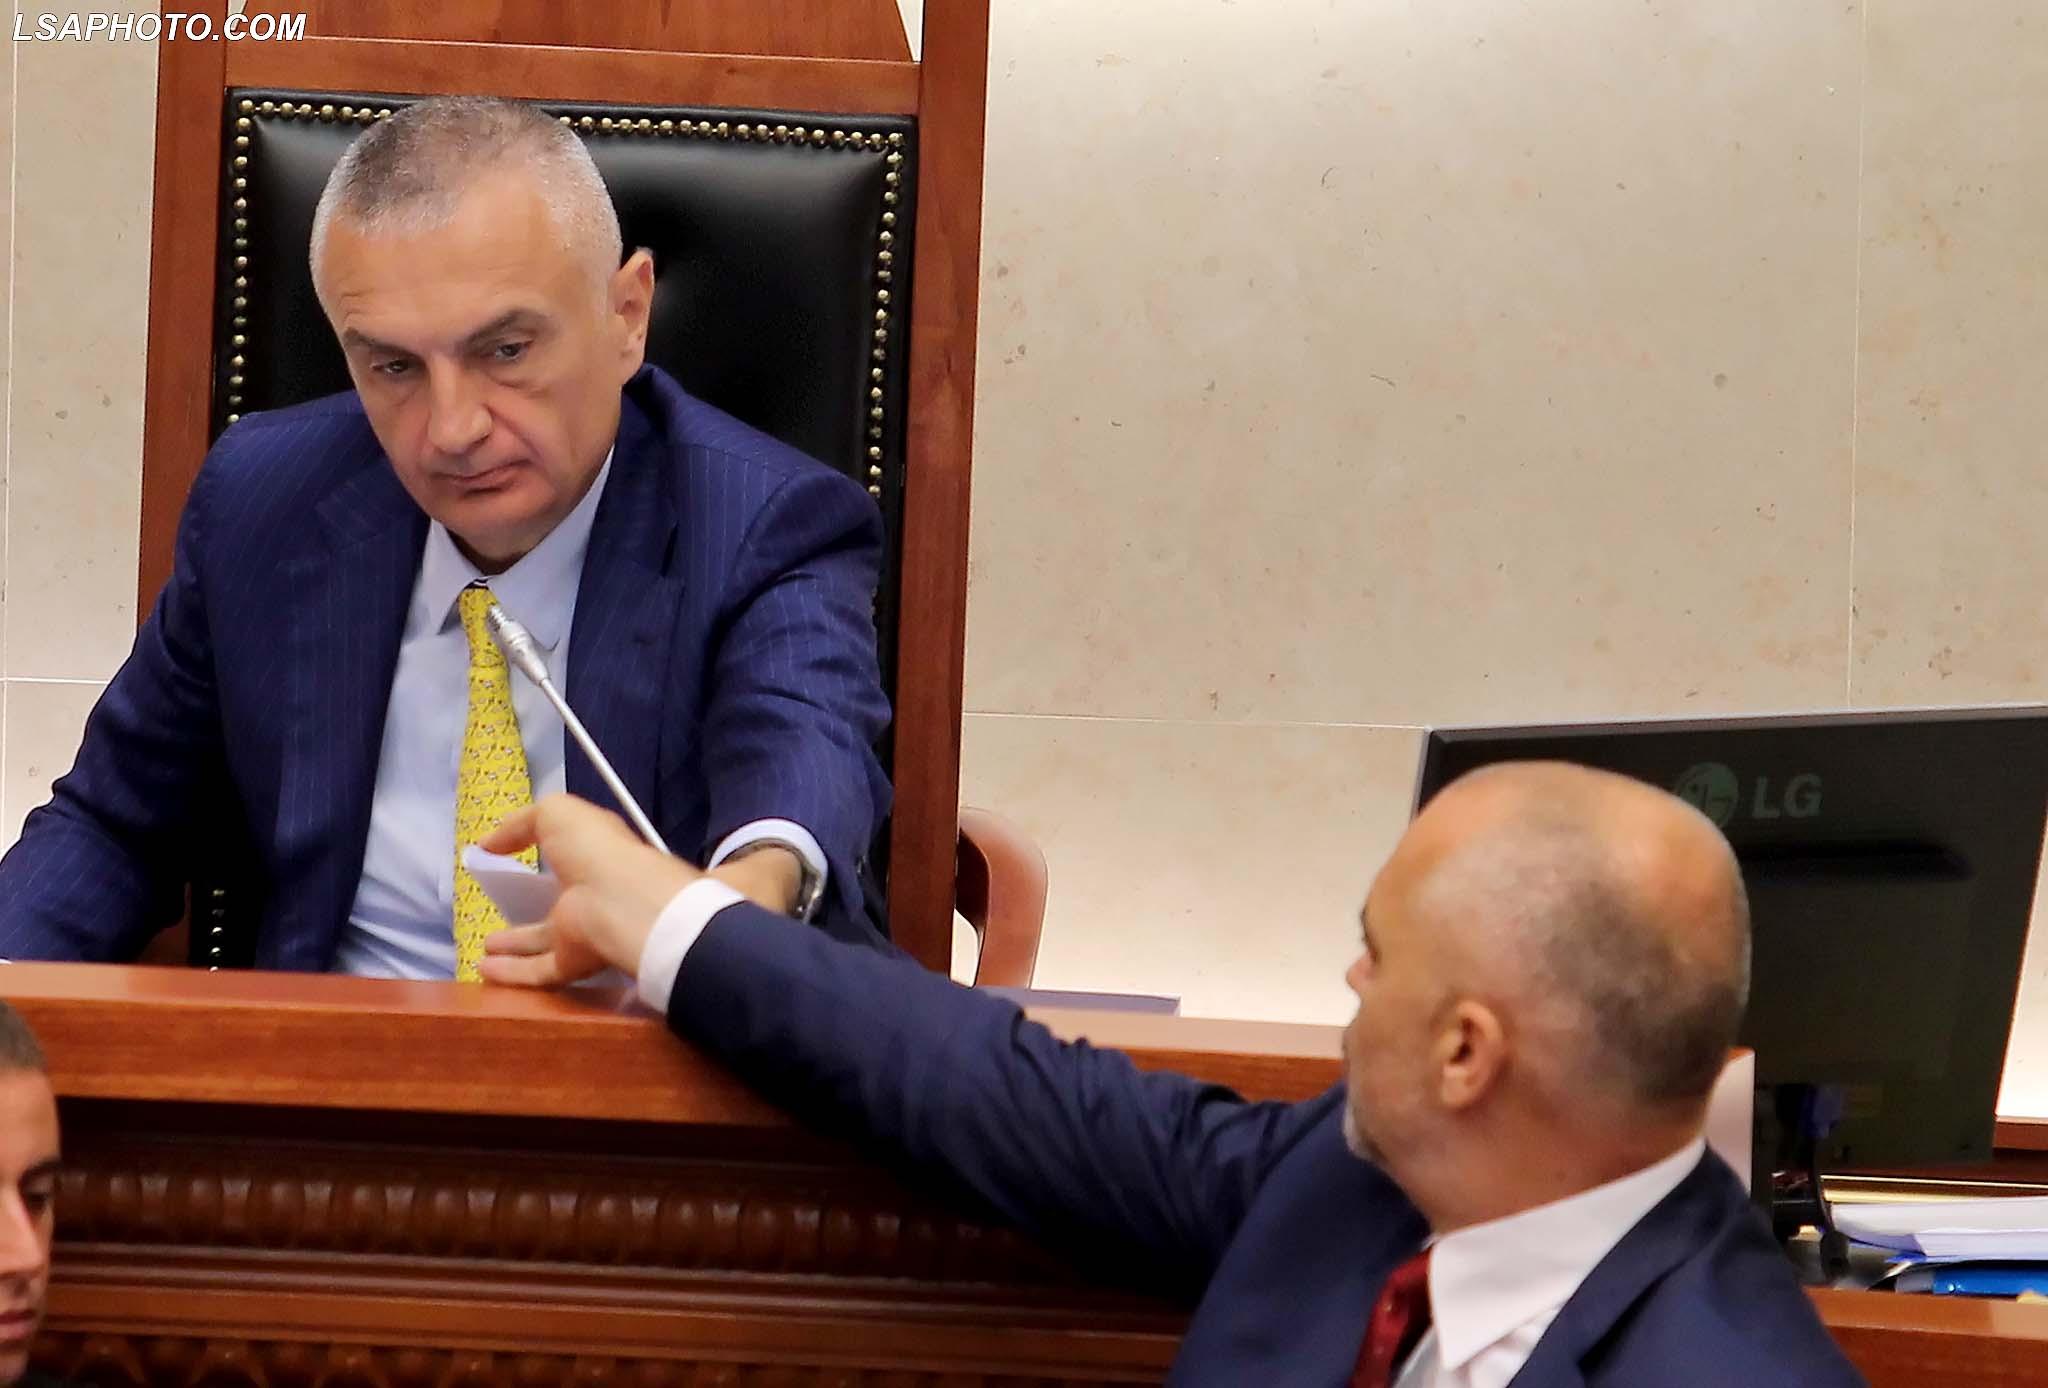 Kryeministri Edi Rama dhe Kryetari i Kuvendit Ilir Meta, gjate nje seance parlamentare, ku eshte debatuar ne lidhje me mbarvajtjen e zgjedhjeve lokale te 21 qershorit./r/n/r/nPrime Minister Edi Rama and Parliament Speaker Ilir Meta, during a parliamentary session.